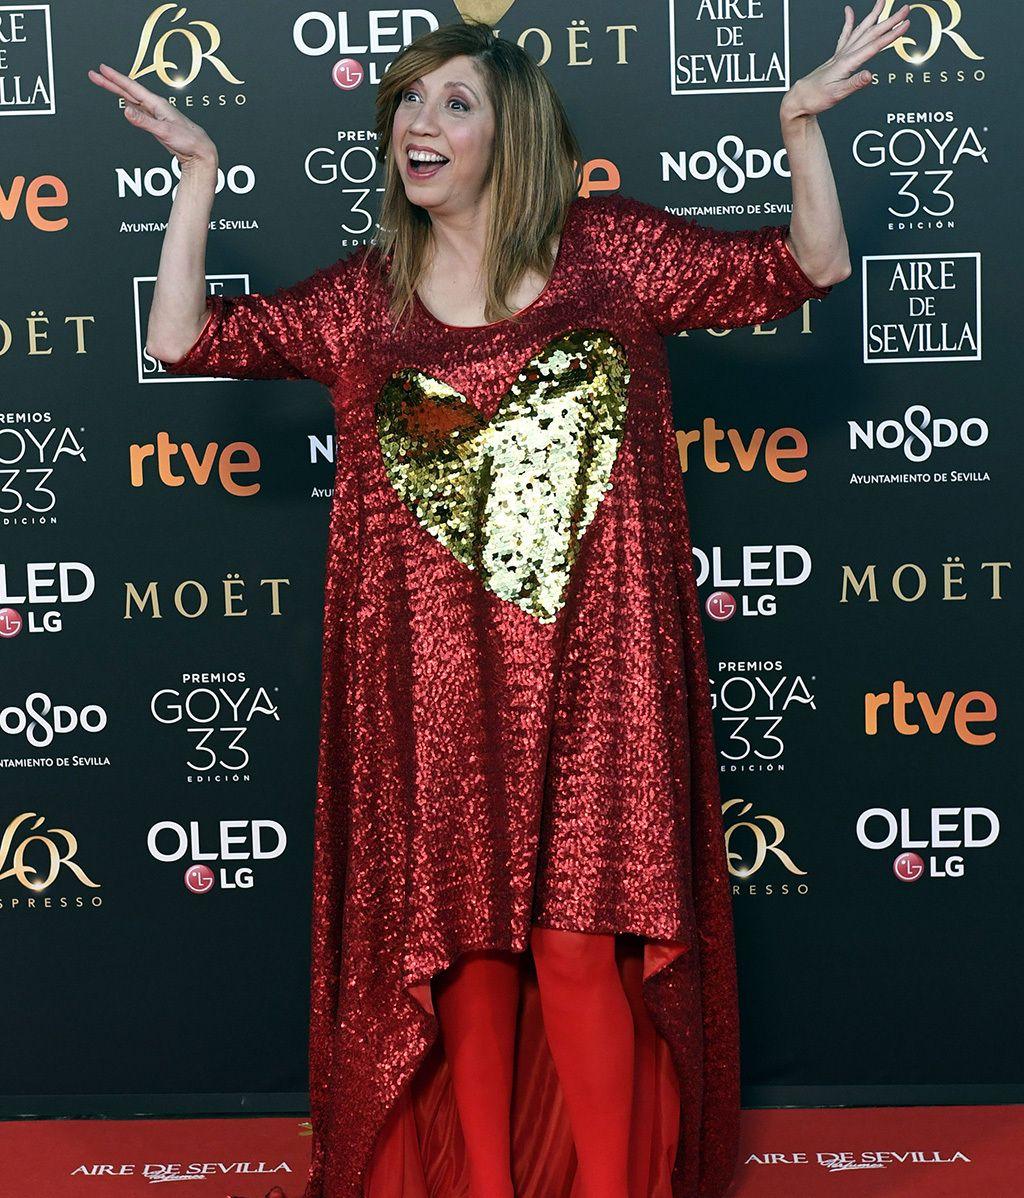 La alfombra roja de los Goya 2019, foto a foto